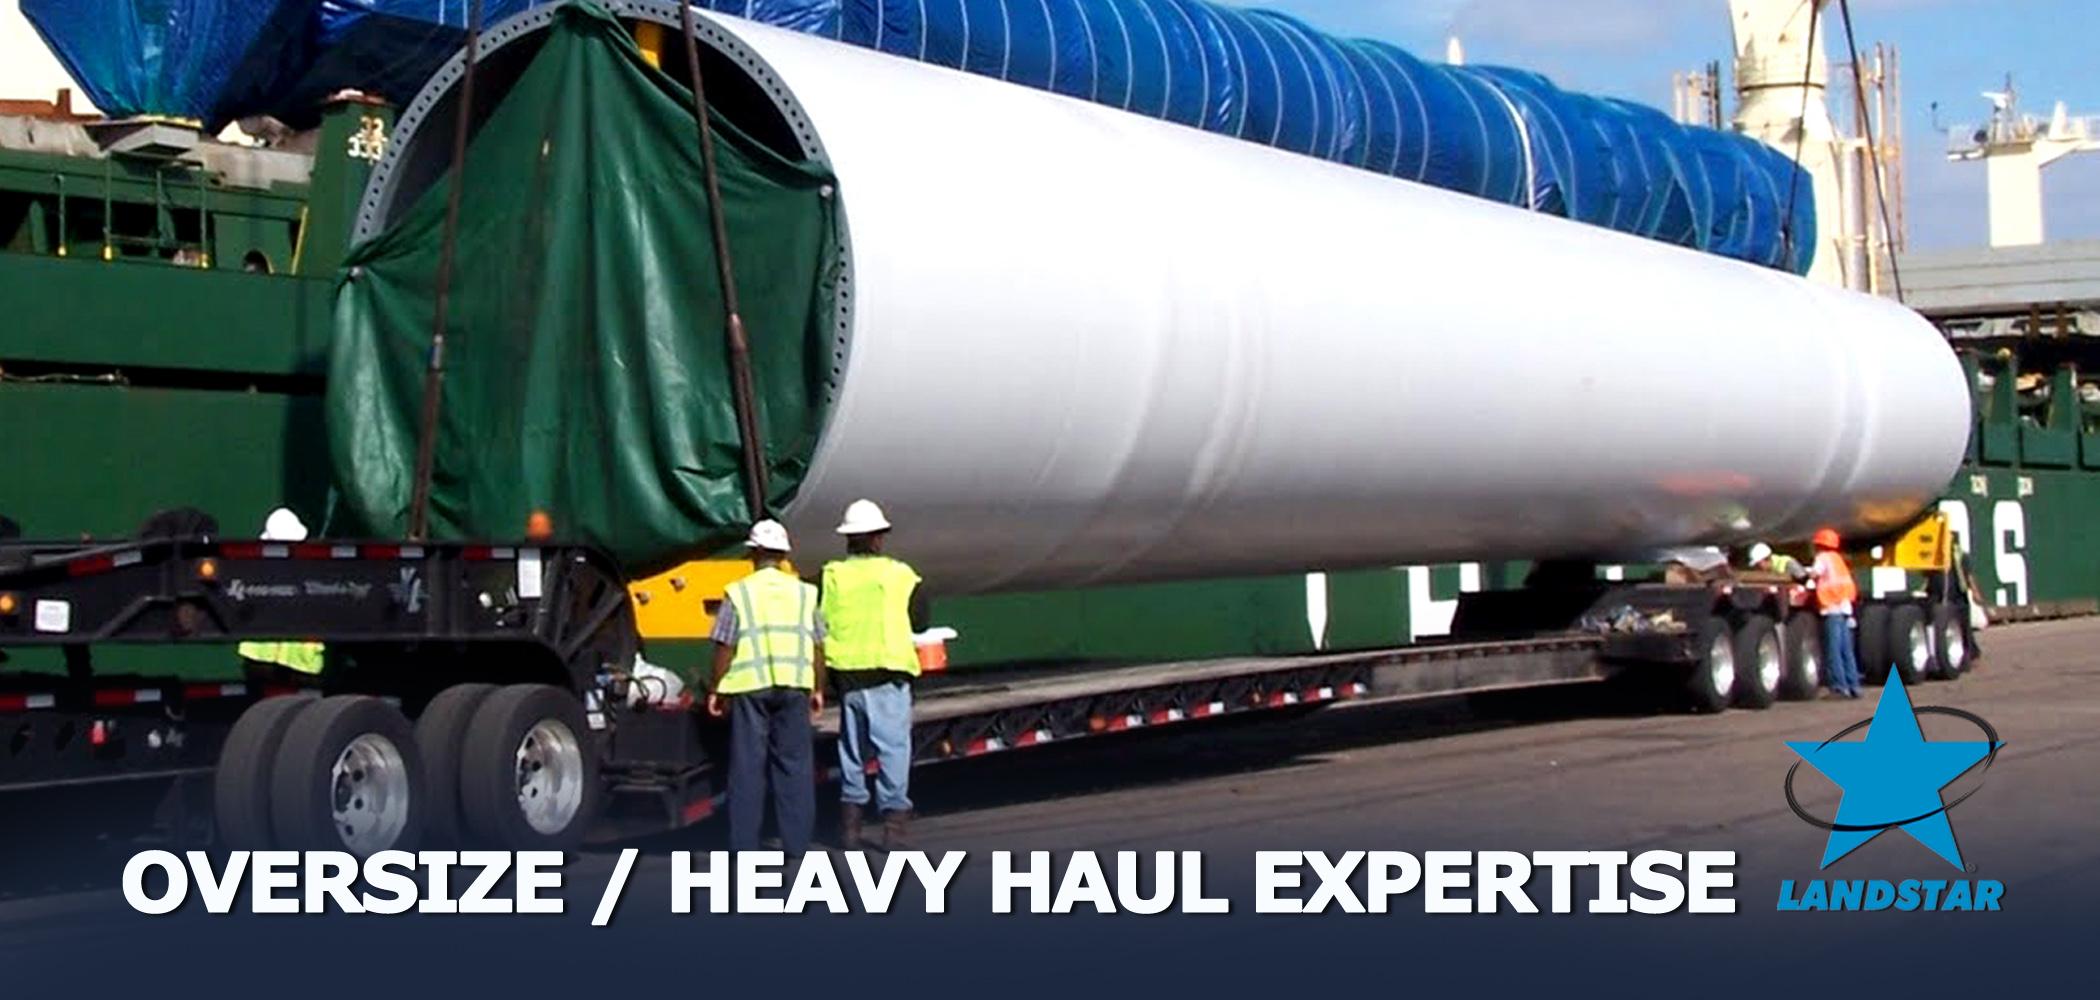 A3-slides-oversize-heavy-haul.jpg